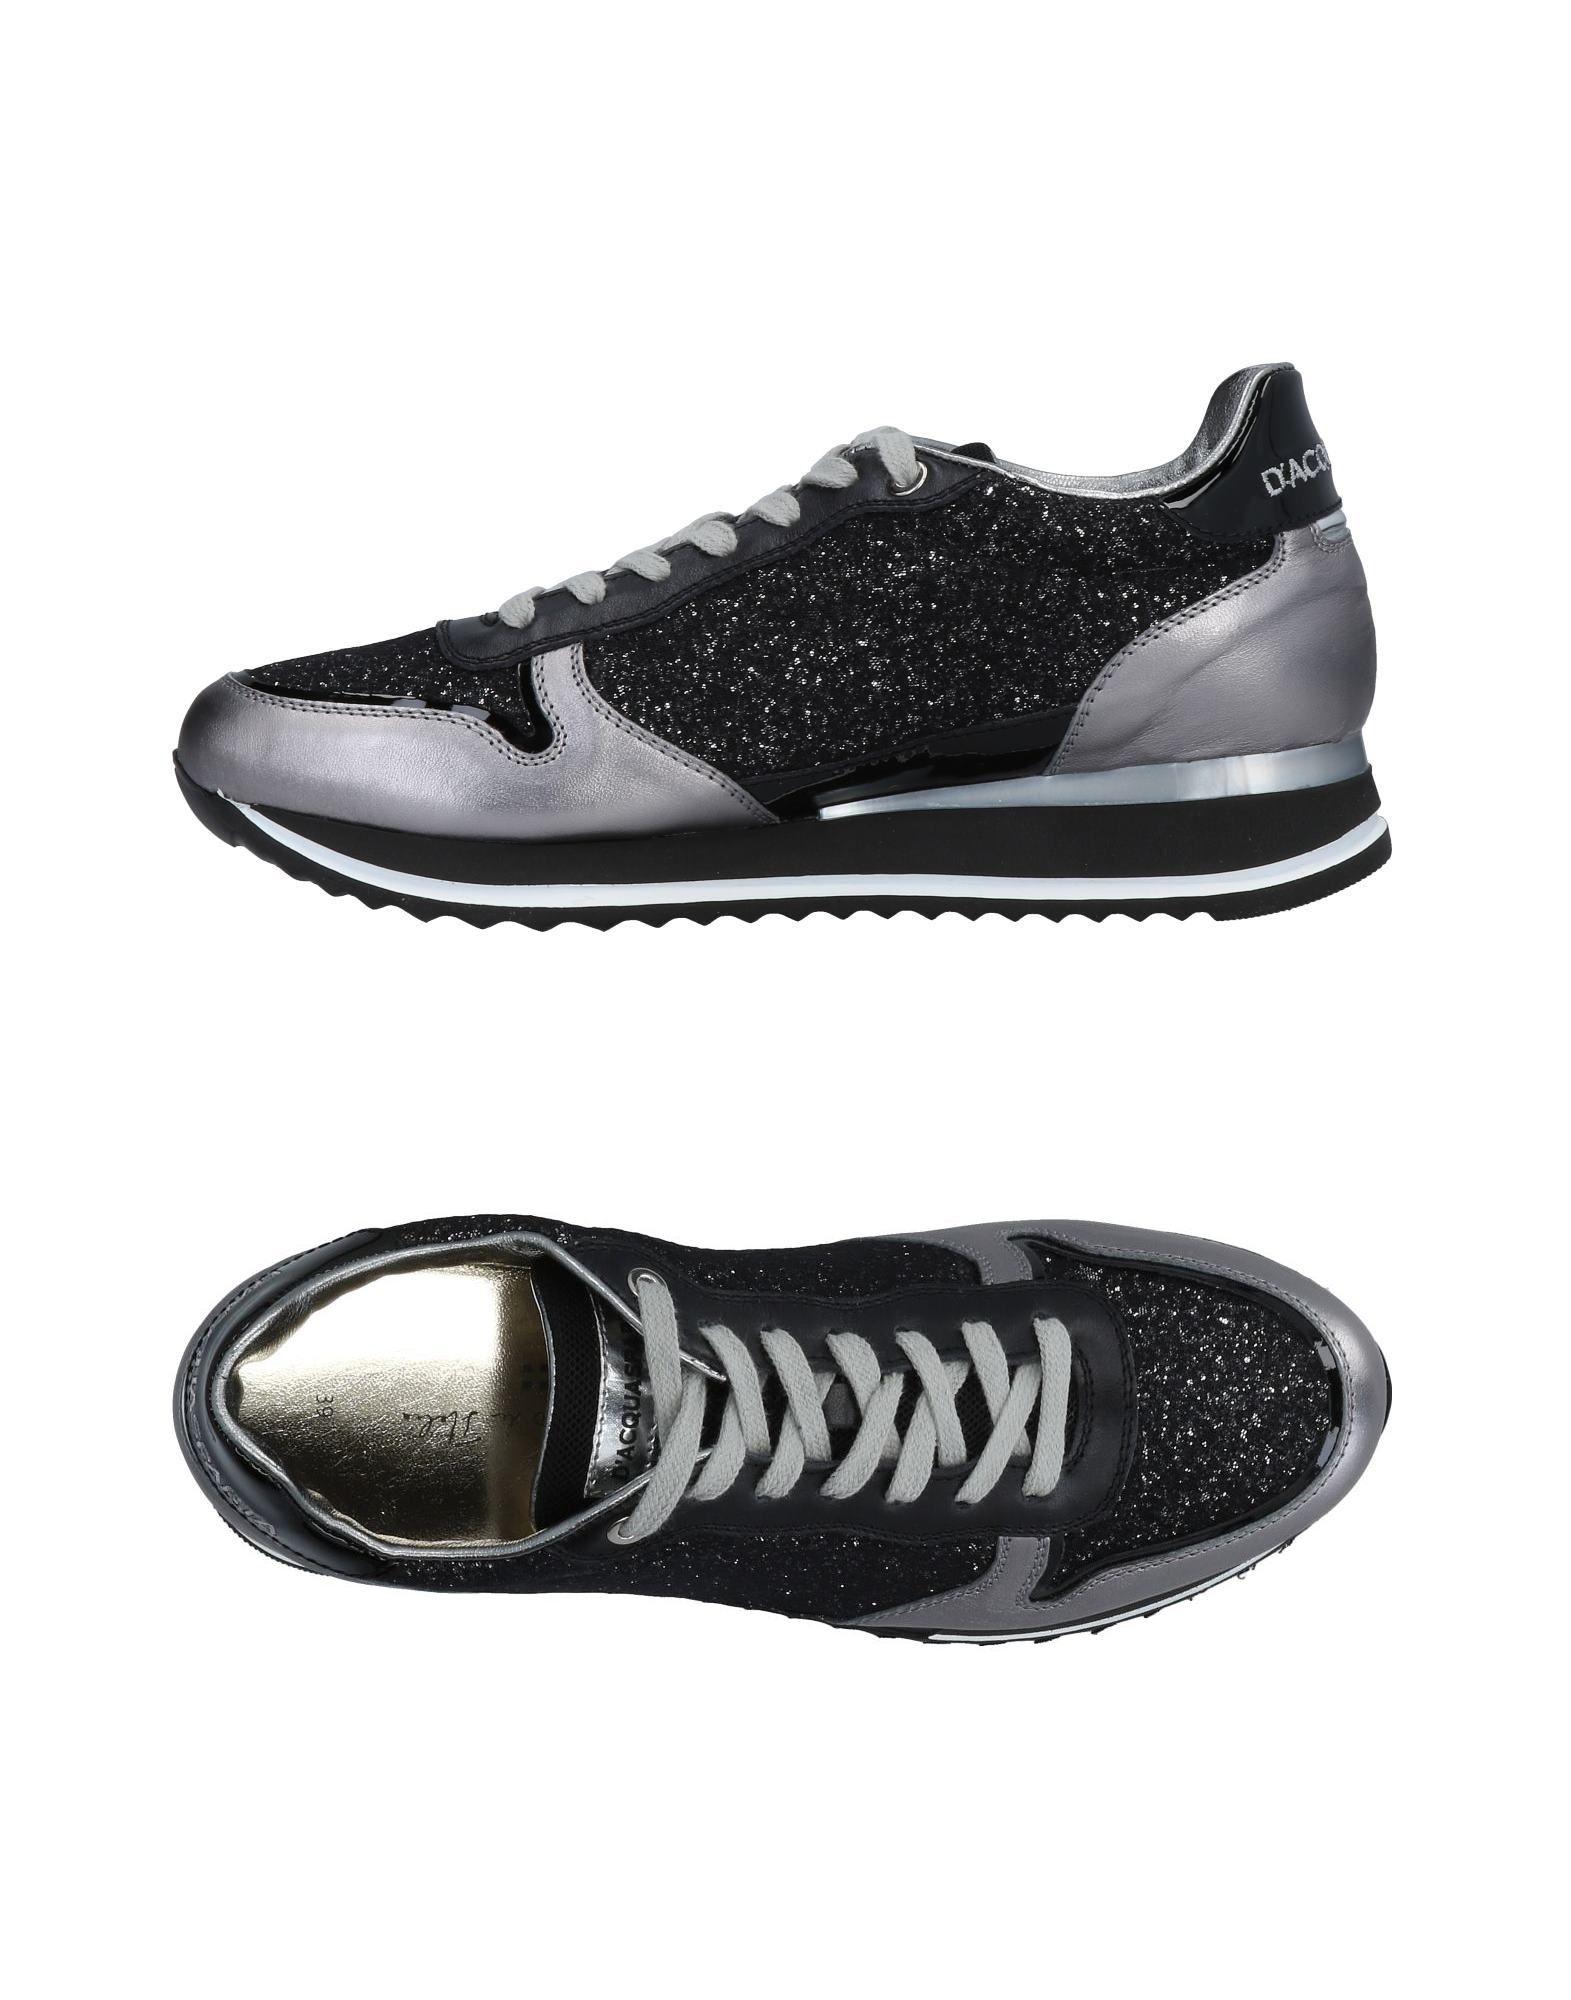 Moda Sneakers D'Acquasparta Donna Donna D'Acquasparta - 11492723FP f42c98